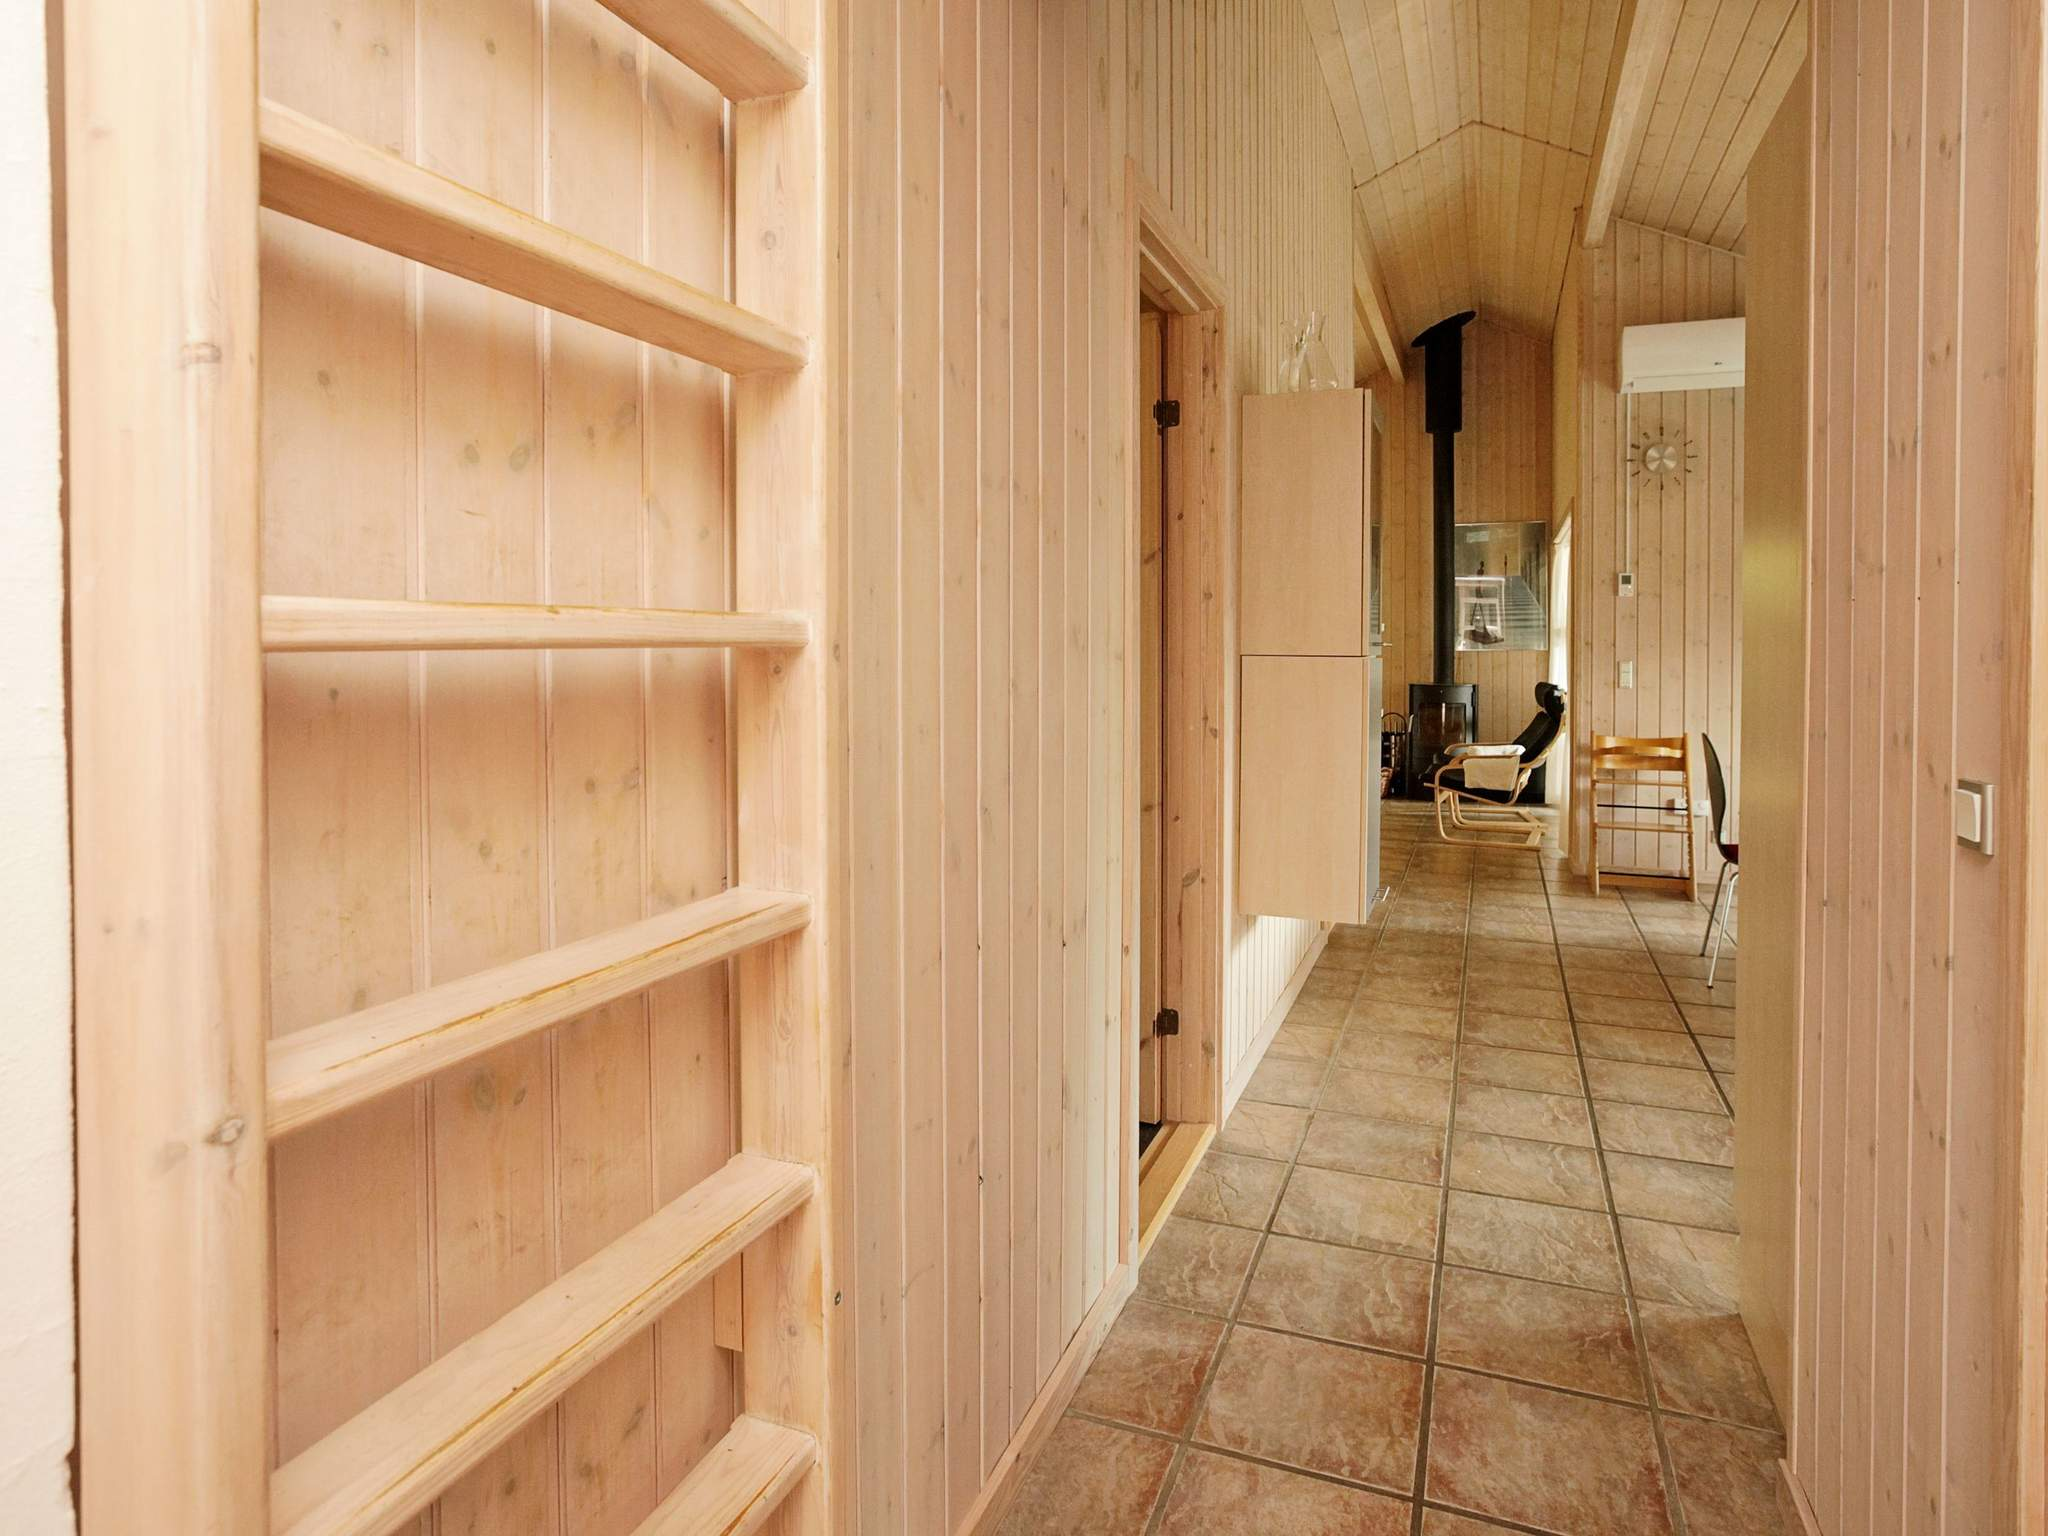 Ferienhaus Lodskovvad (683644), Lodskovvad, , Dänische Nordsee, Dänemark, Bild 9